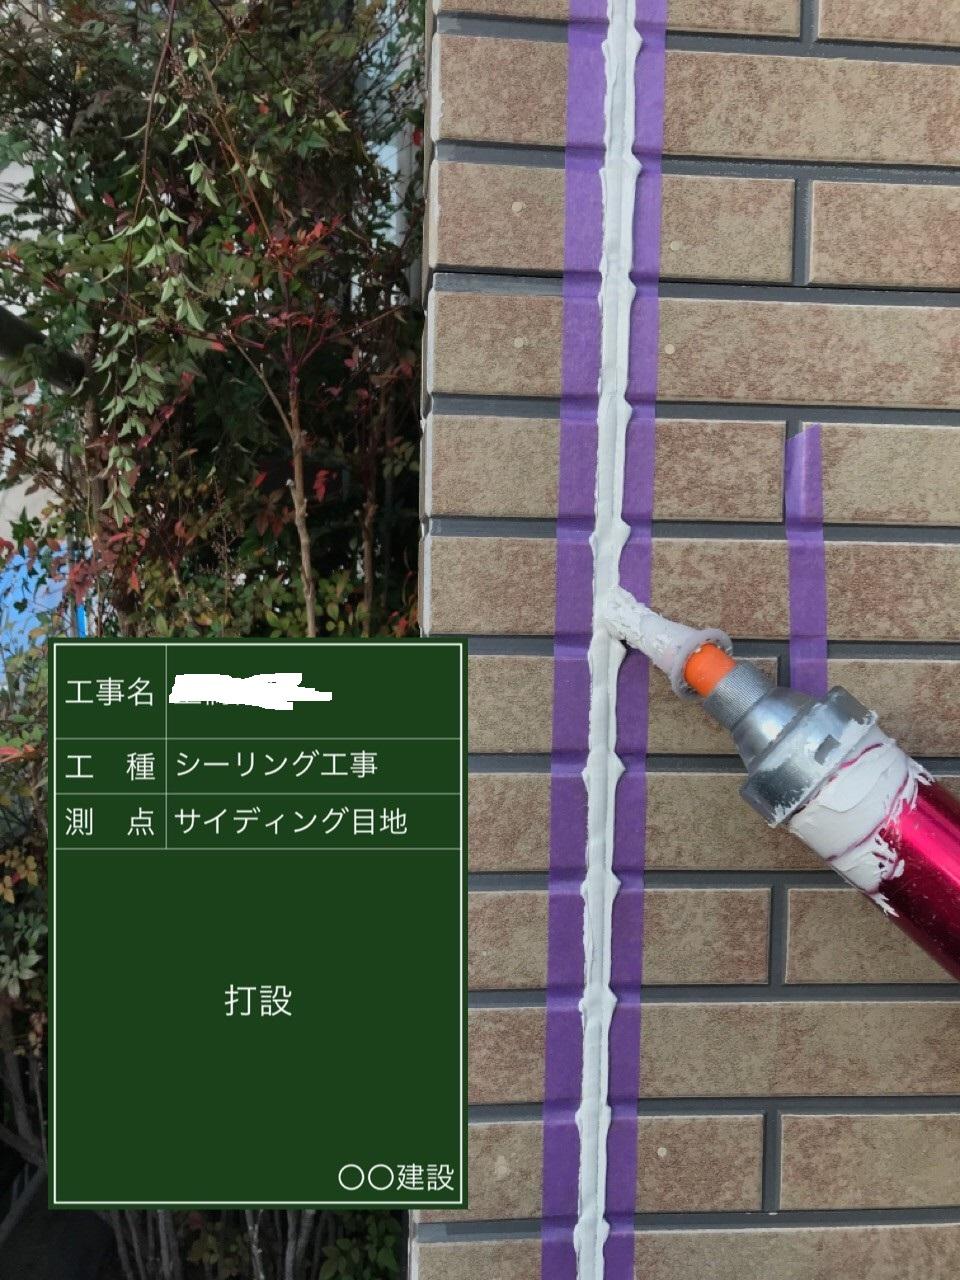 外壁塗装前にコーキングを打設している様子